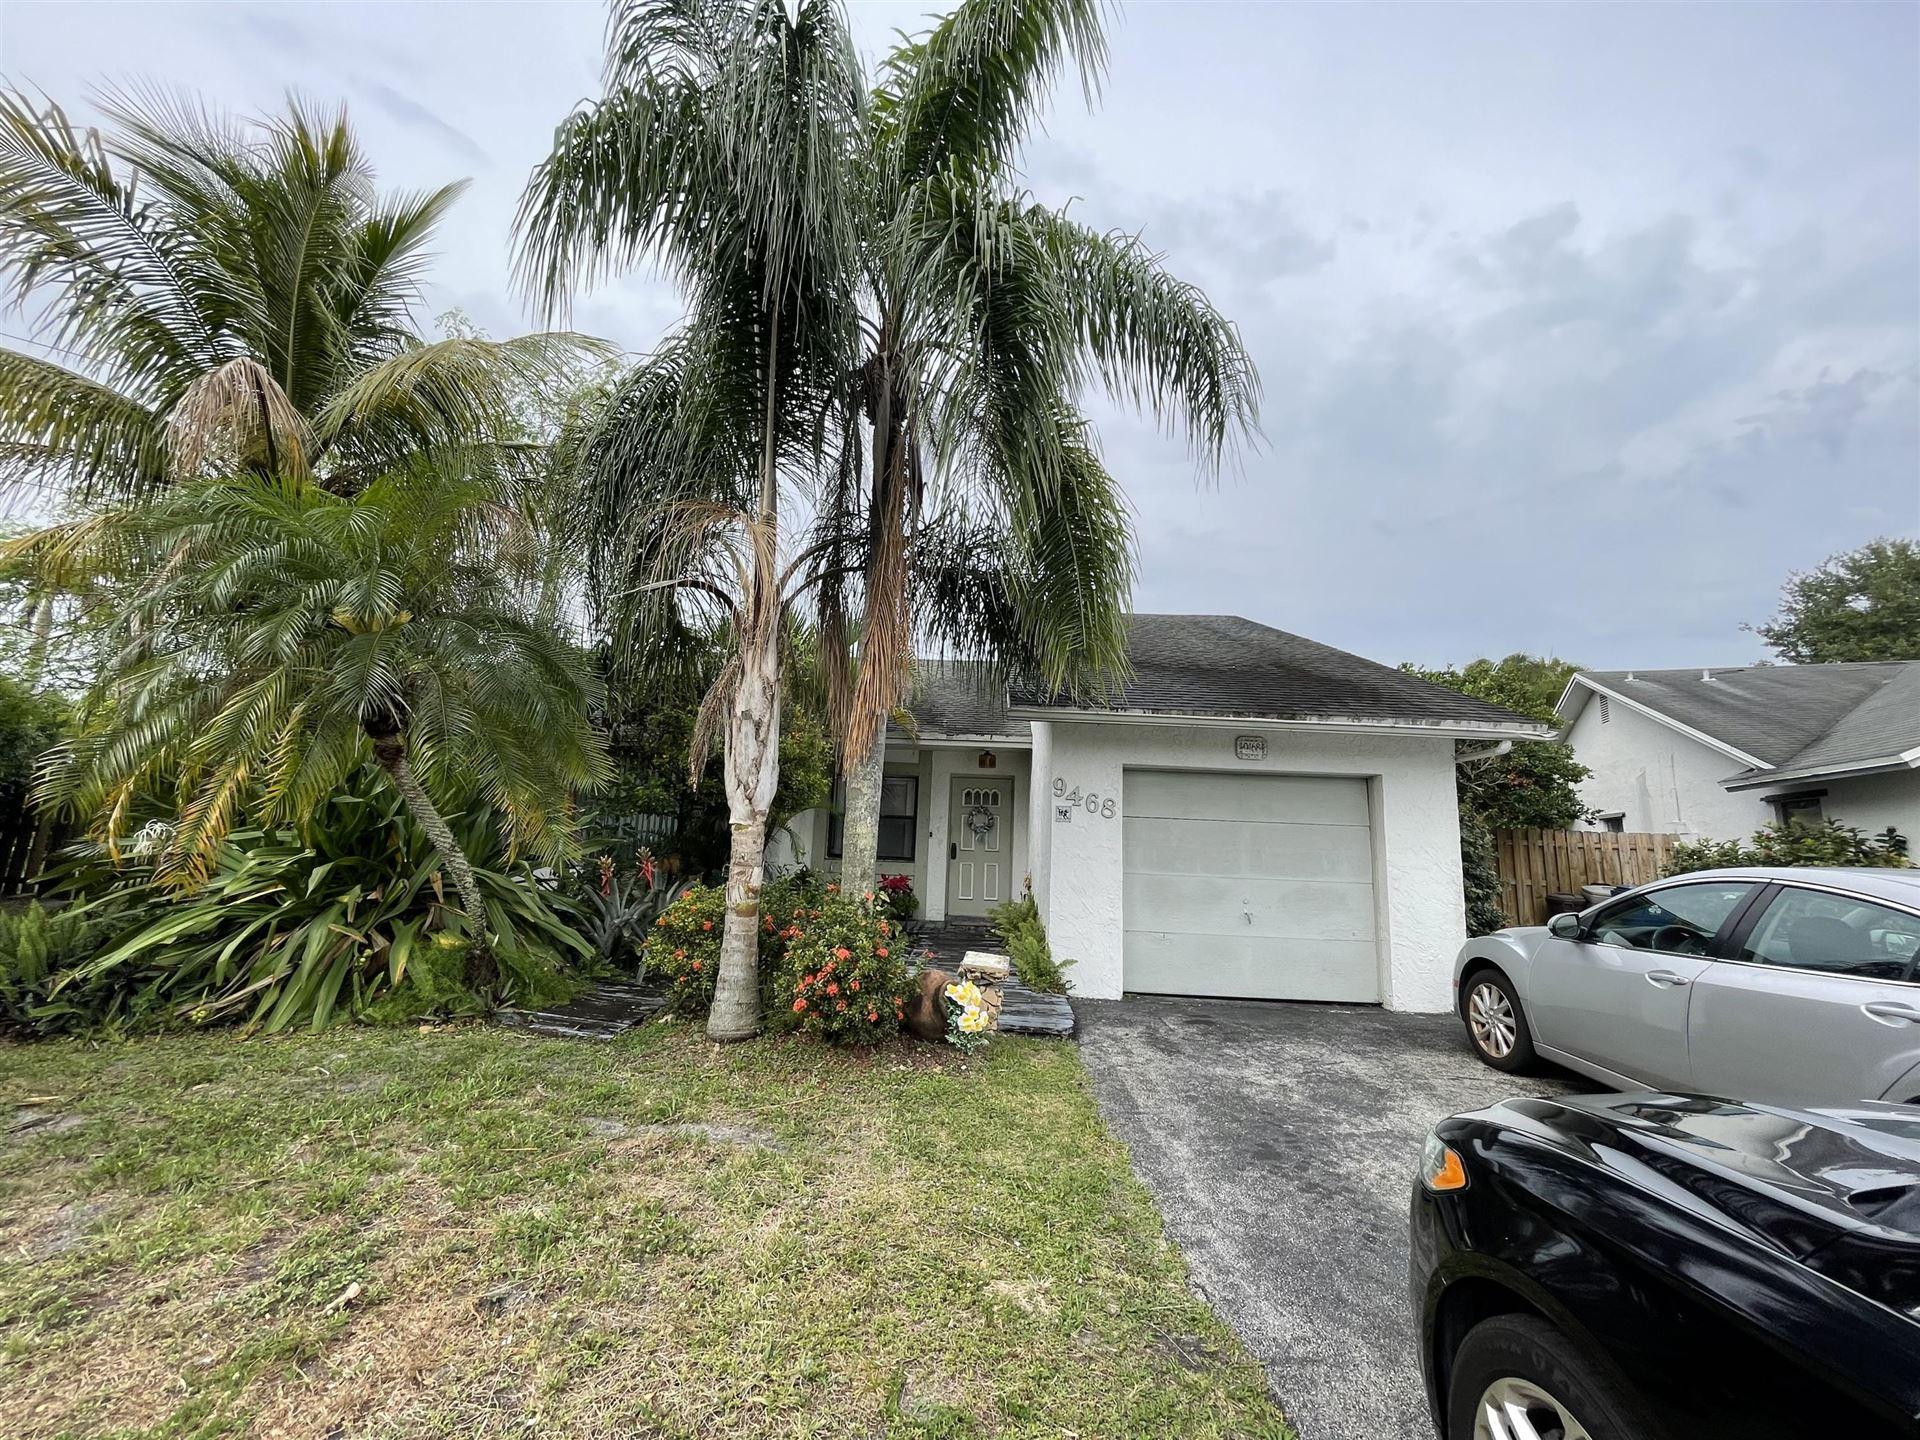 9468 NW 45 Street, Sunrise, FL 33351 - MLS#: RX-10709746